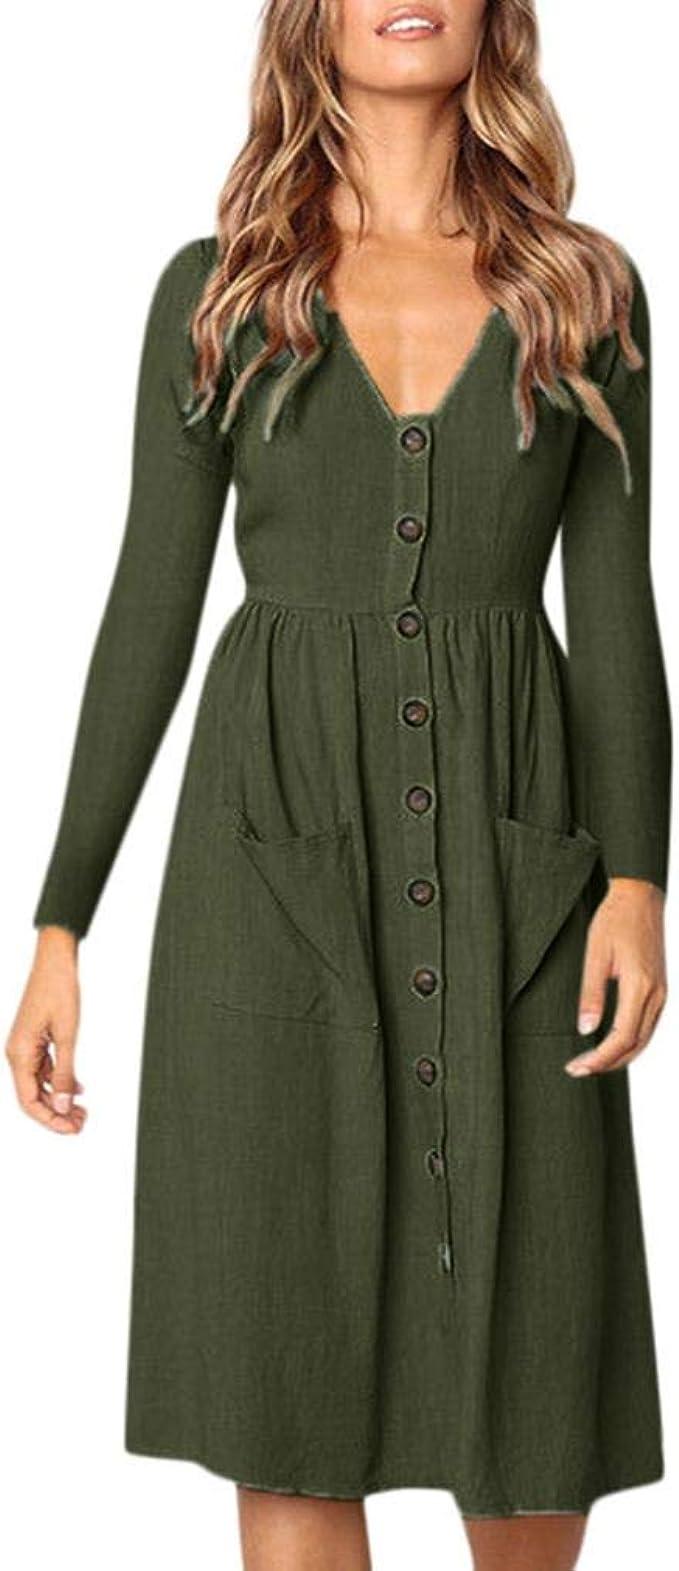 Longra Damen V-Ausschnitt Kleid Freizeit Langarm-Kleid Herbst Winterkleid  Boho Langes Kleid Vintage Knopf Kleid Damen High Waist Elegante Festliche